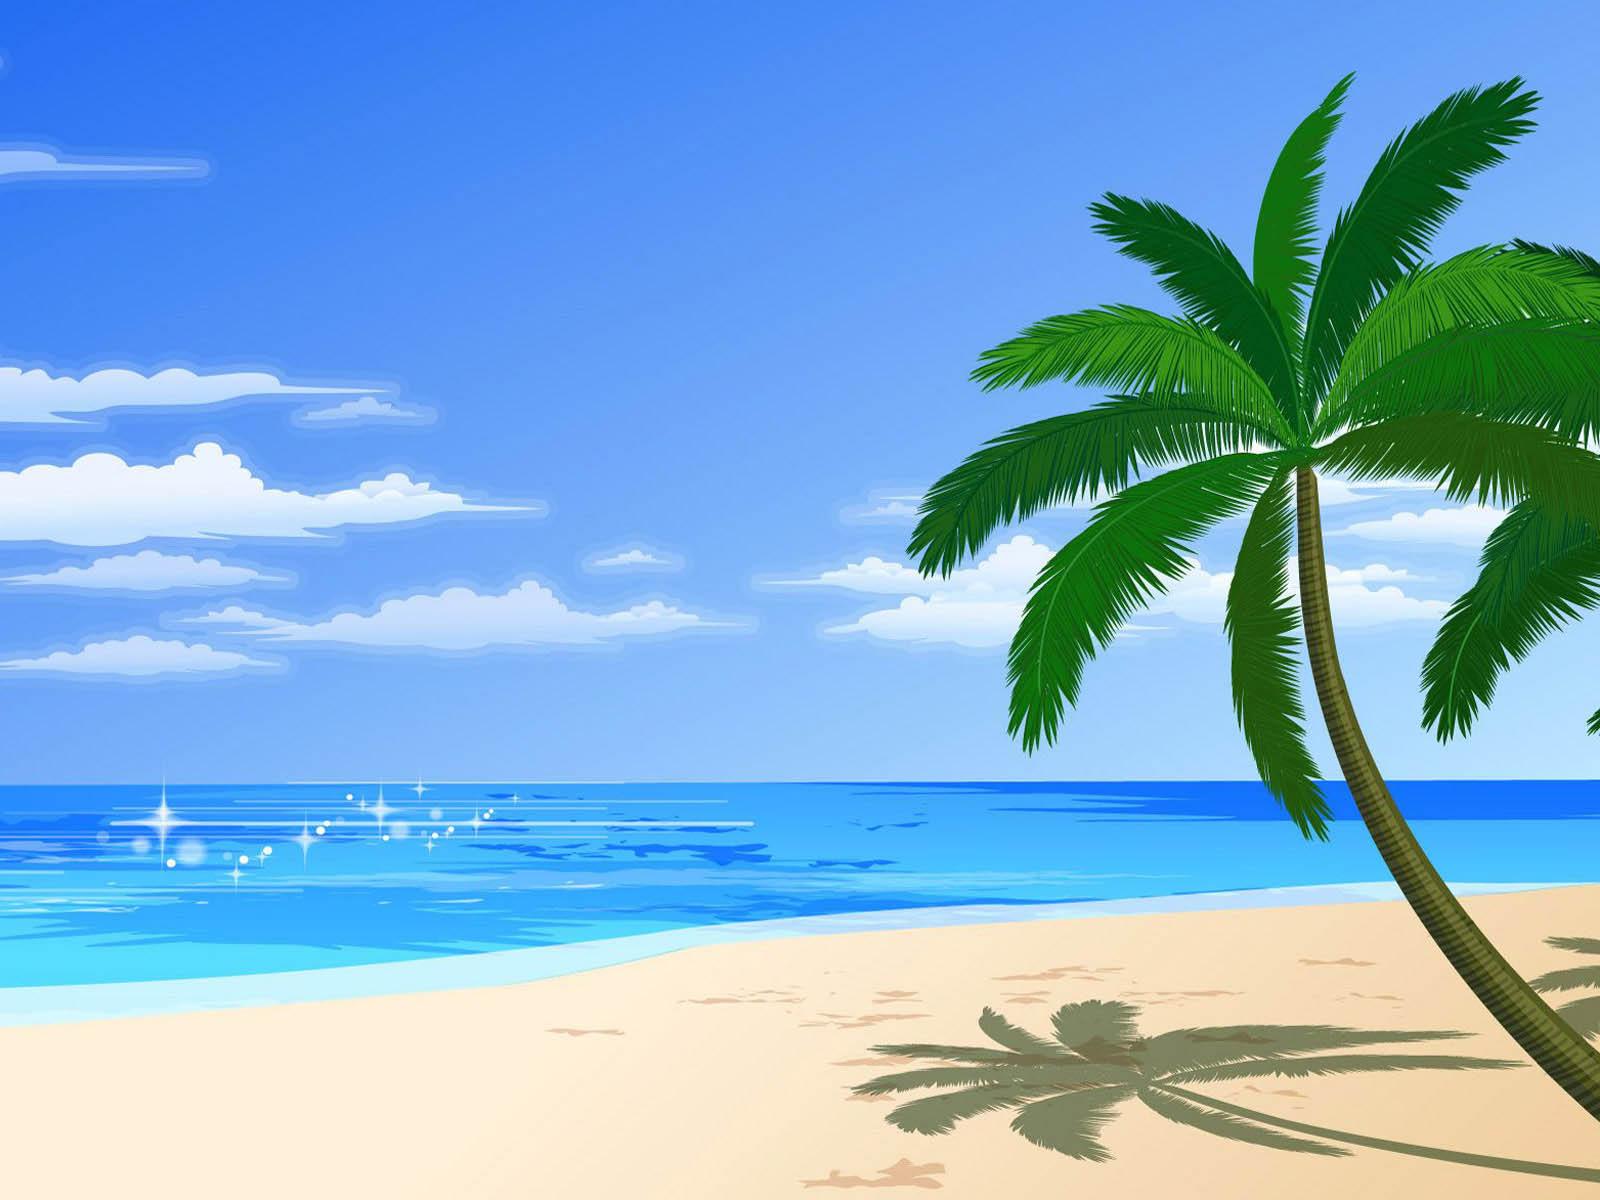 Clipart Beach & Beach Clip Art Images.